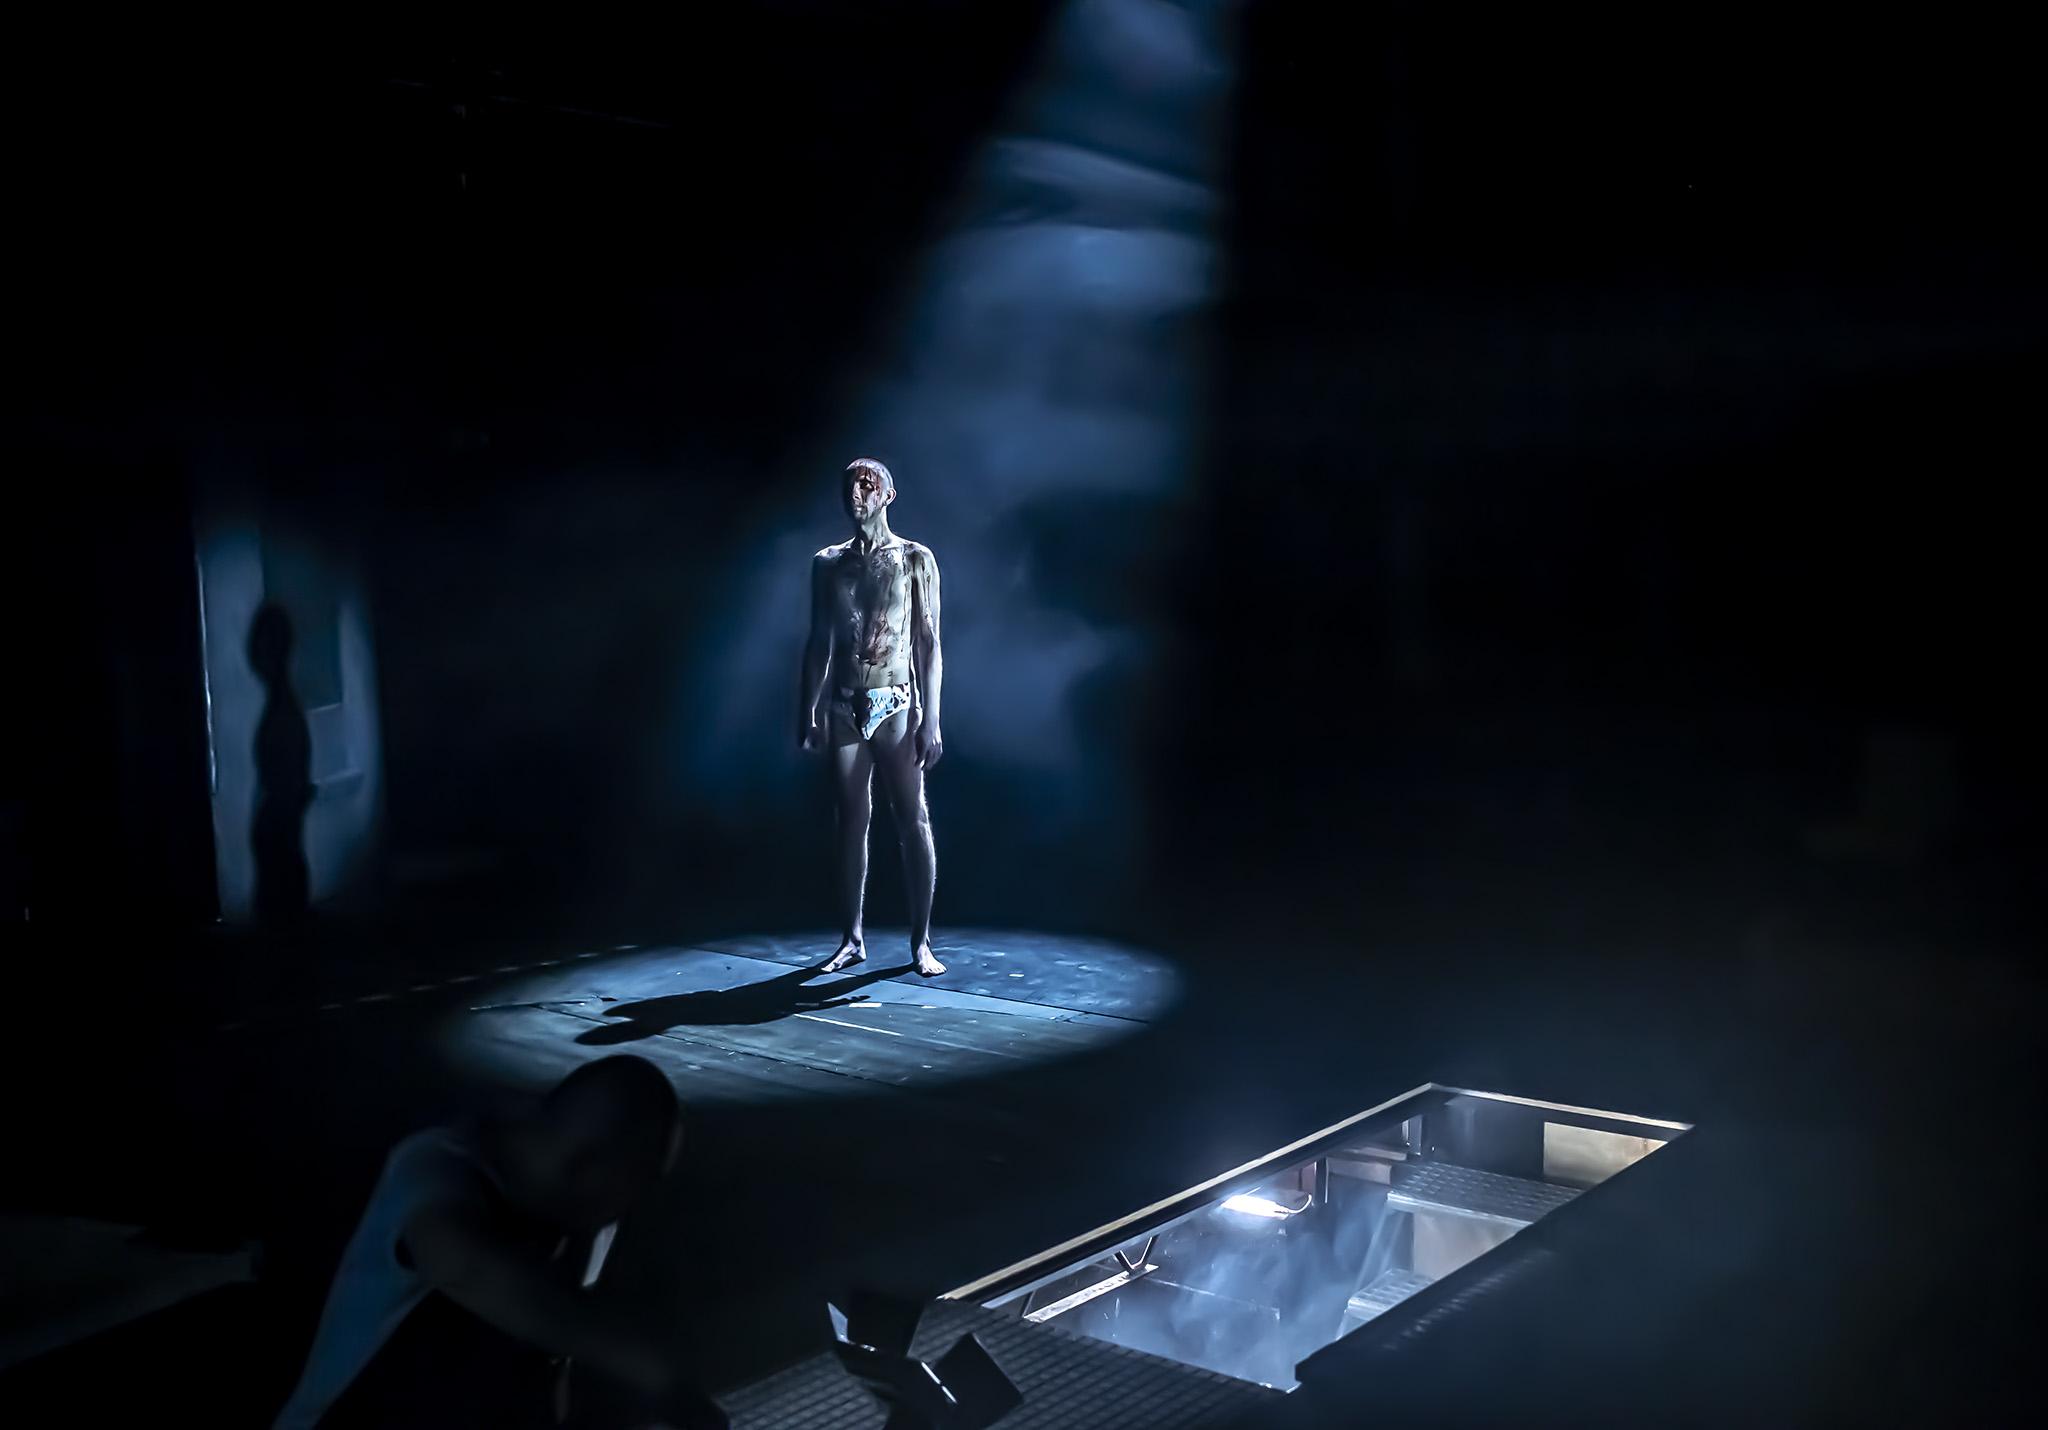 aktor na scenie, ucharakteryzowany, rozebrany do bielizny i pomazany krwią